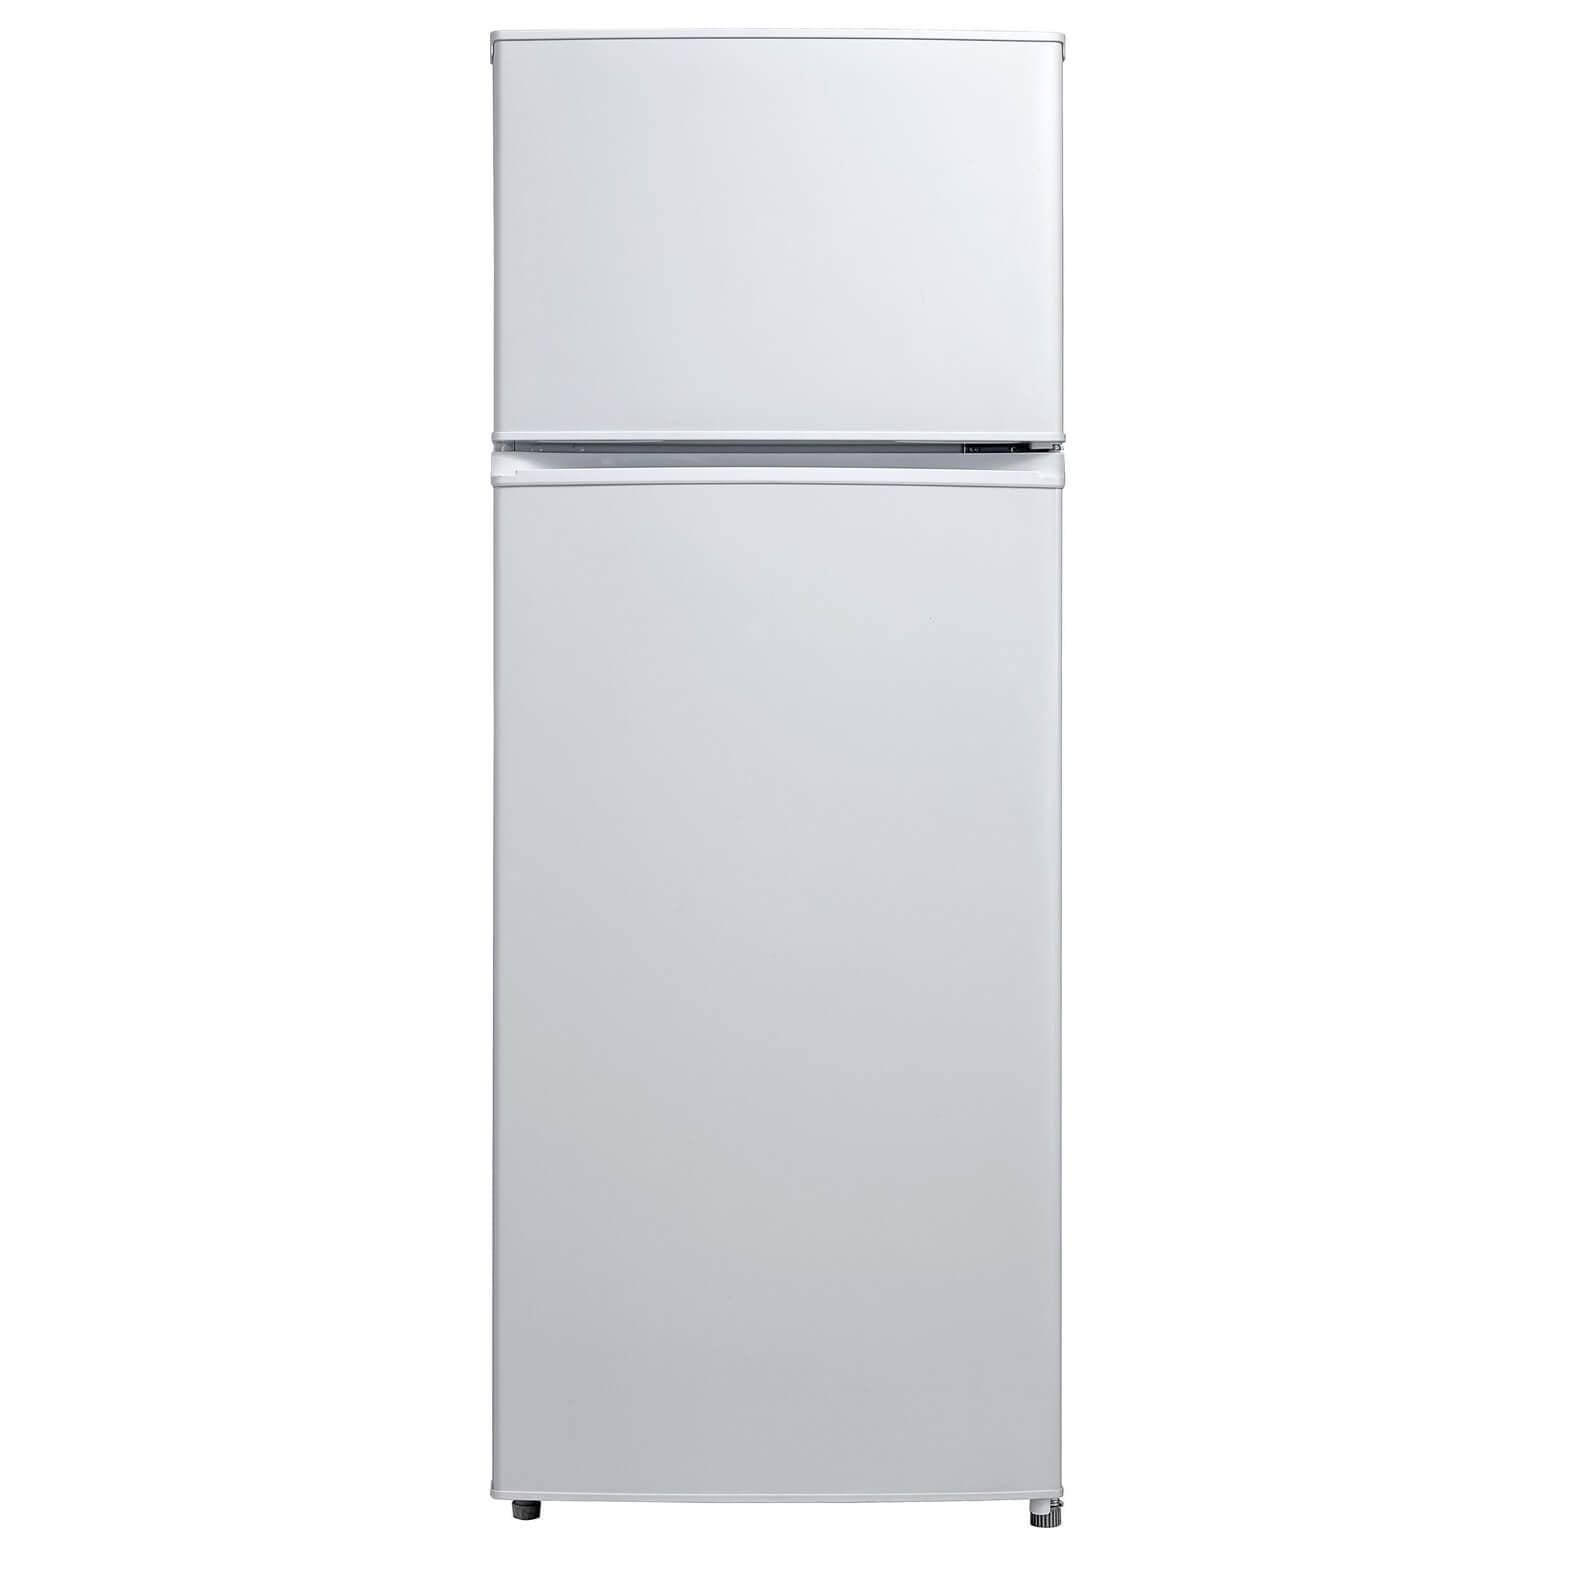 Dijitsu DBD200 TMF buzdolabi